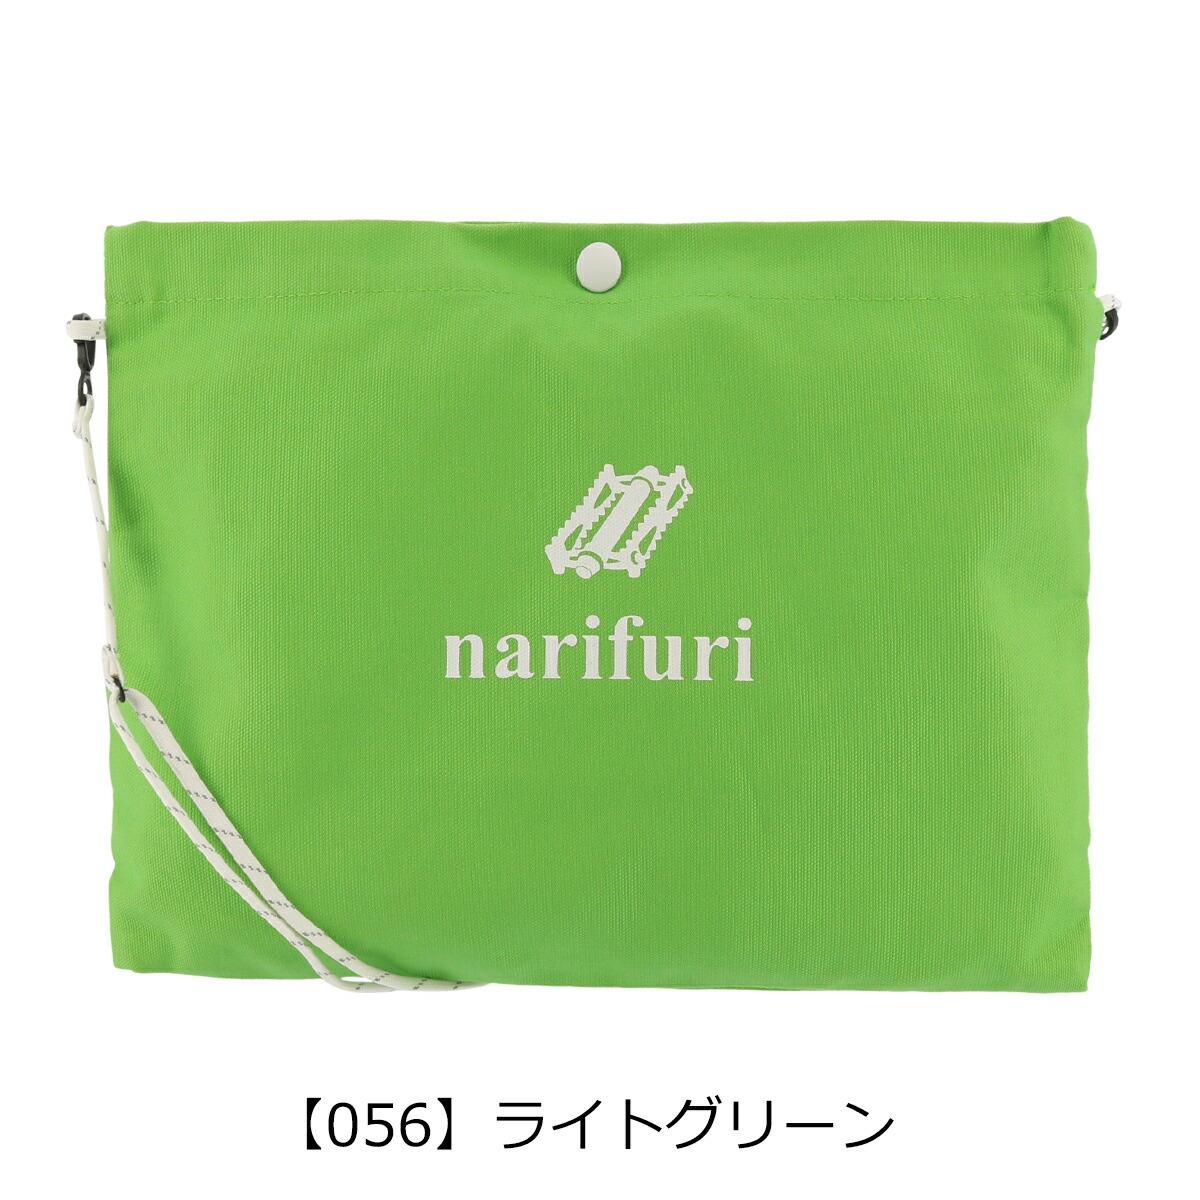 【056】ライトグリーン